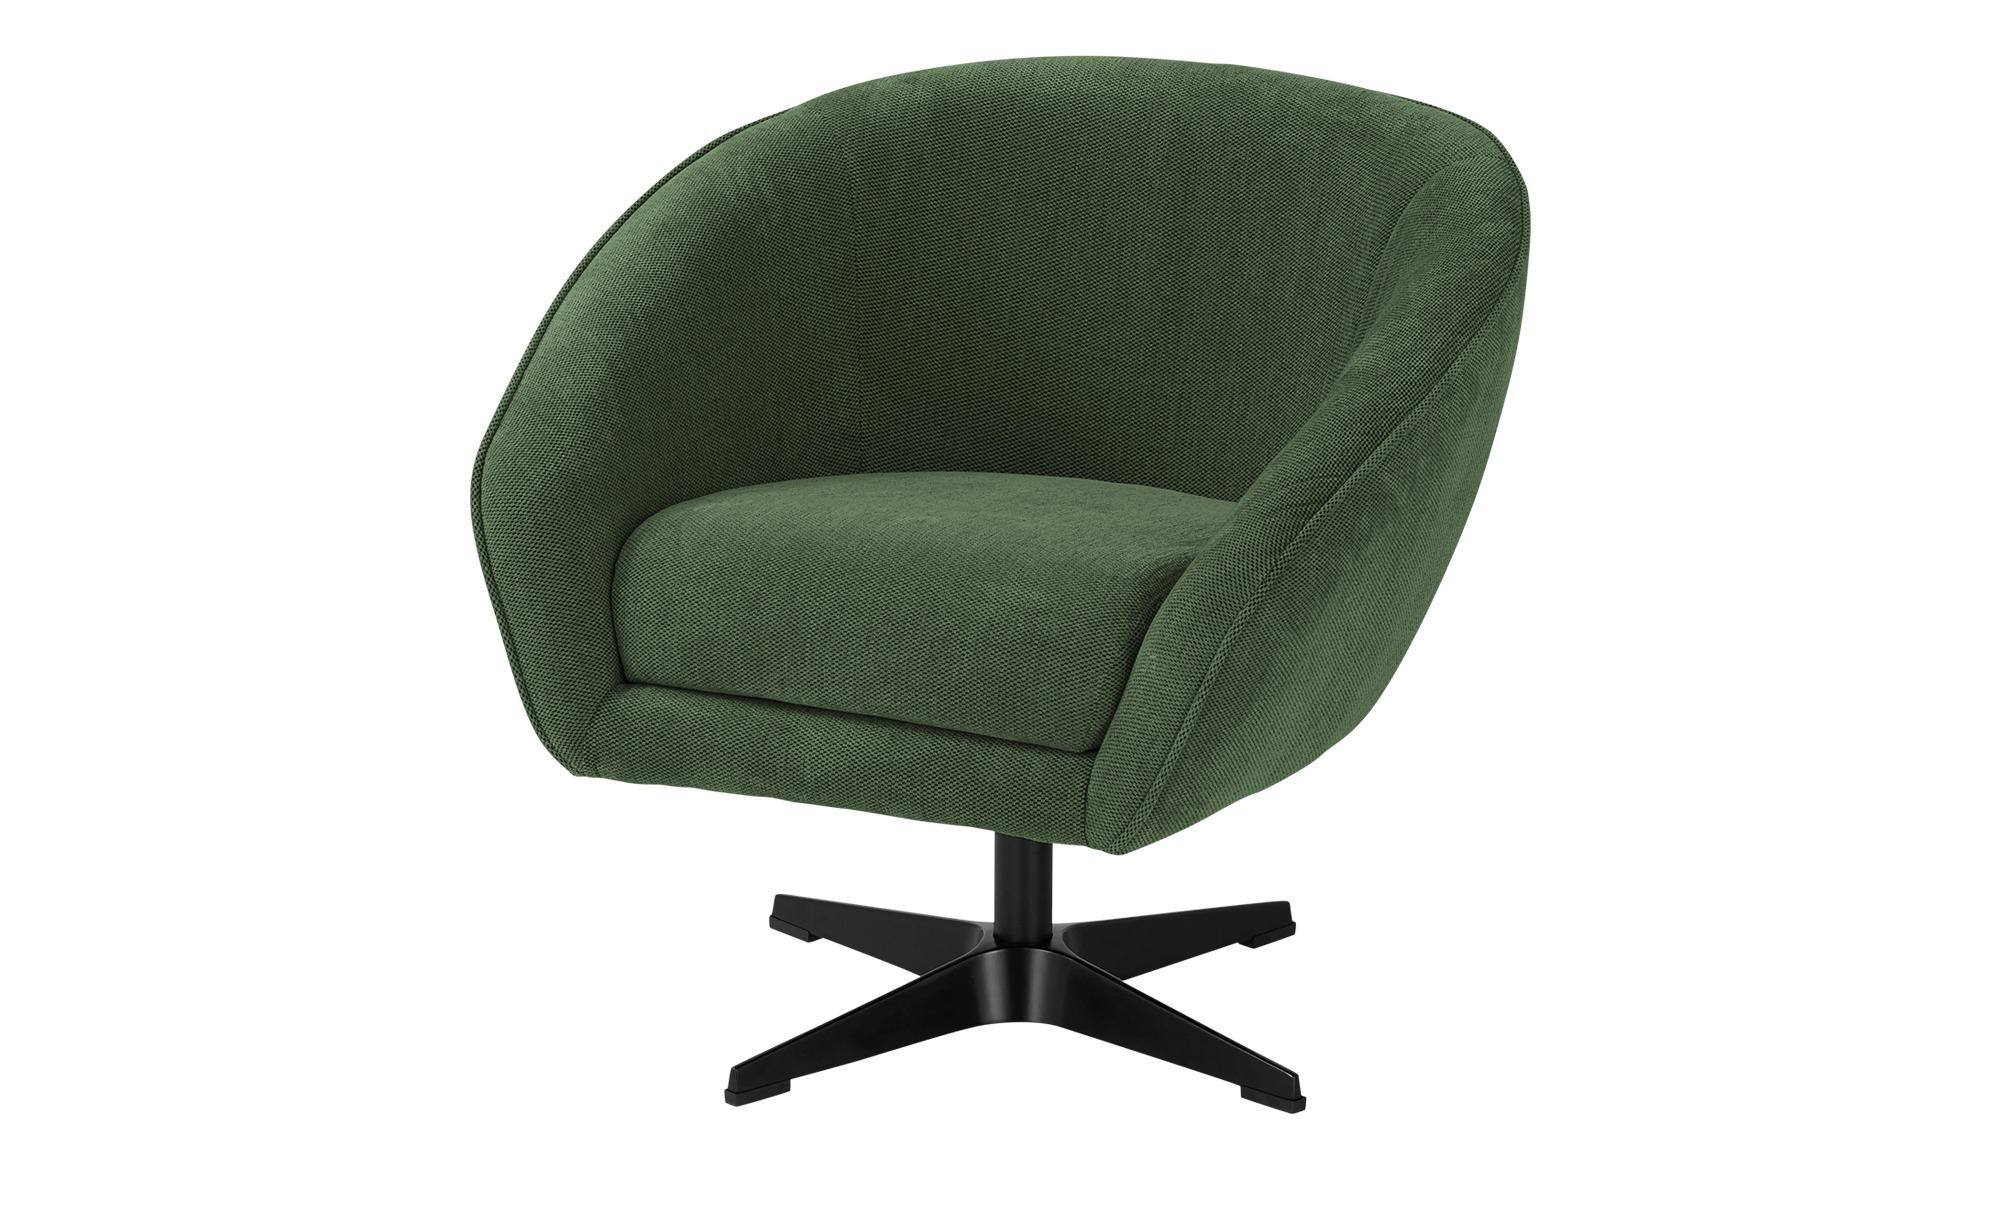 switch Drehsessel  Roma - grün - Polstermöbel > Sessel > Drehsessel - Möbel günstig online kaufen